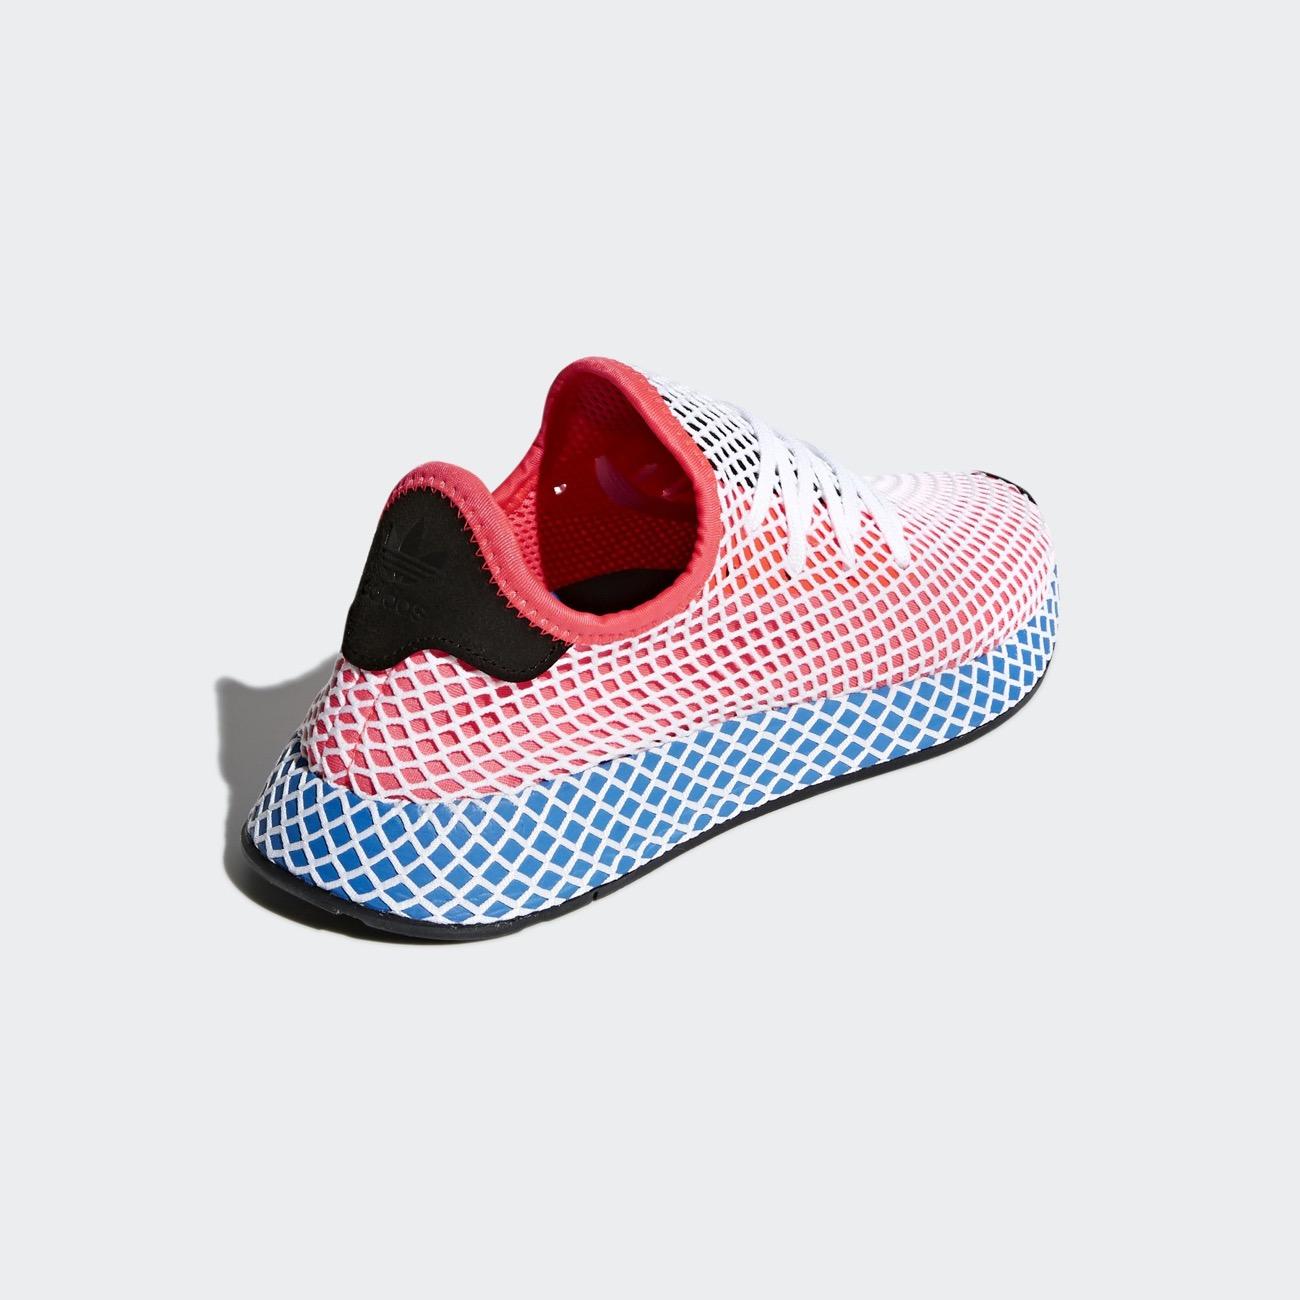 adidas Deerupt Runner SpringSummer 2018